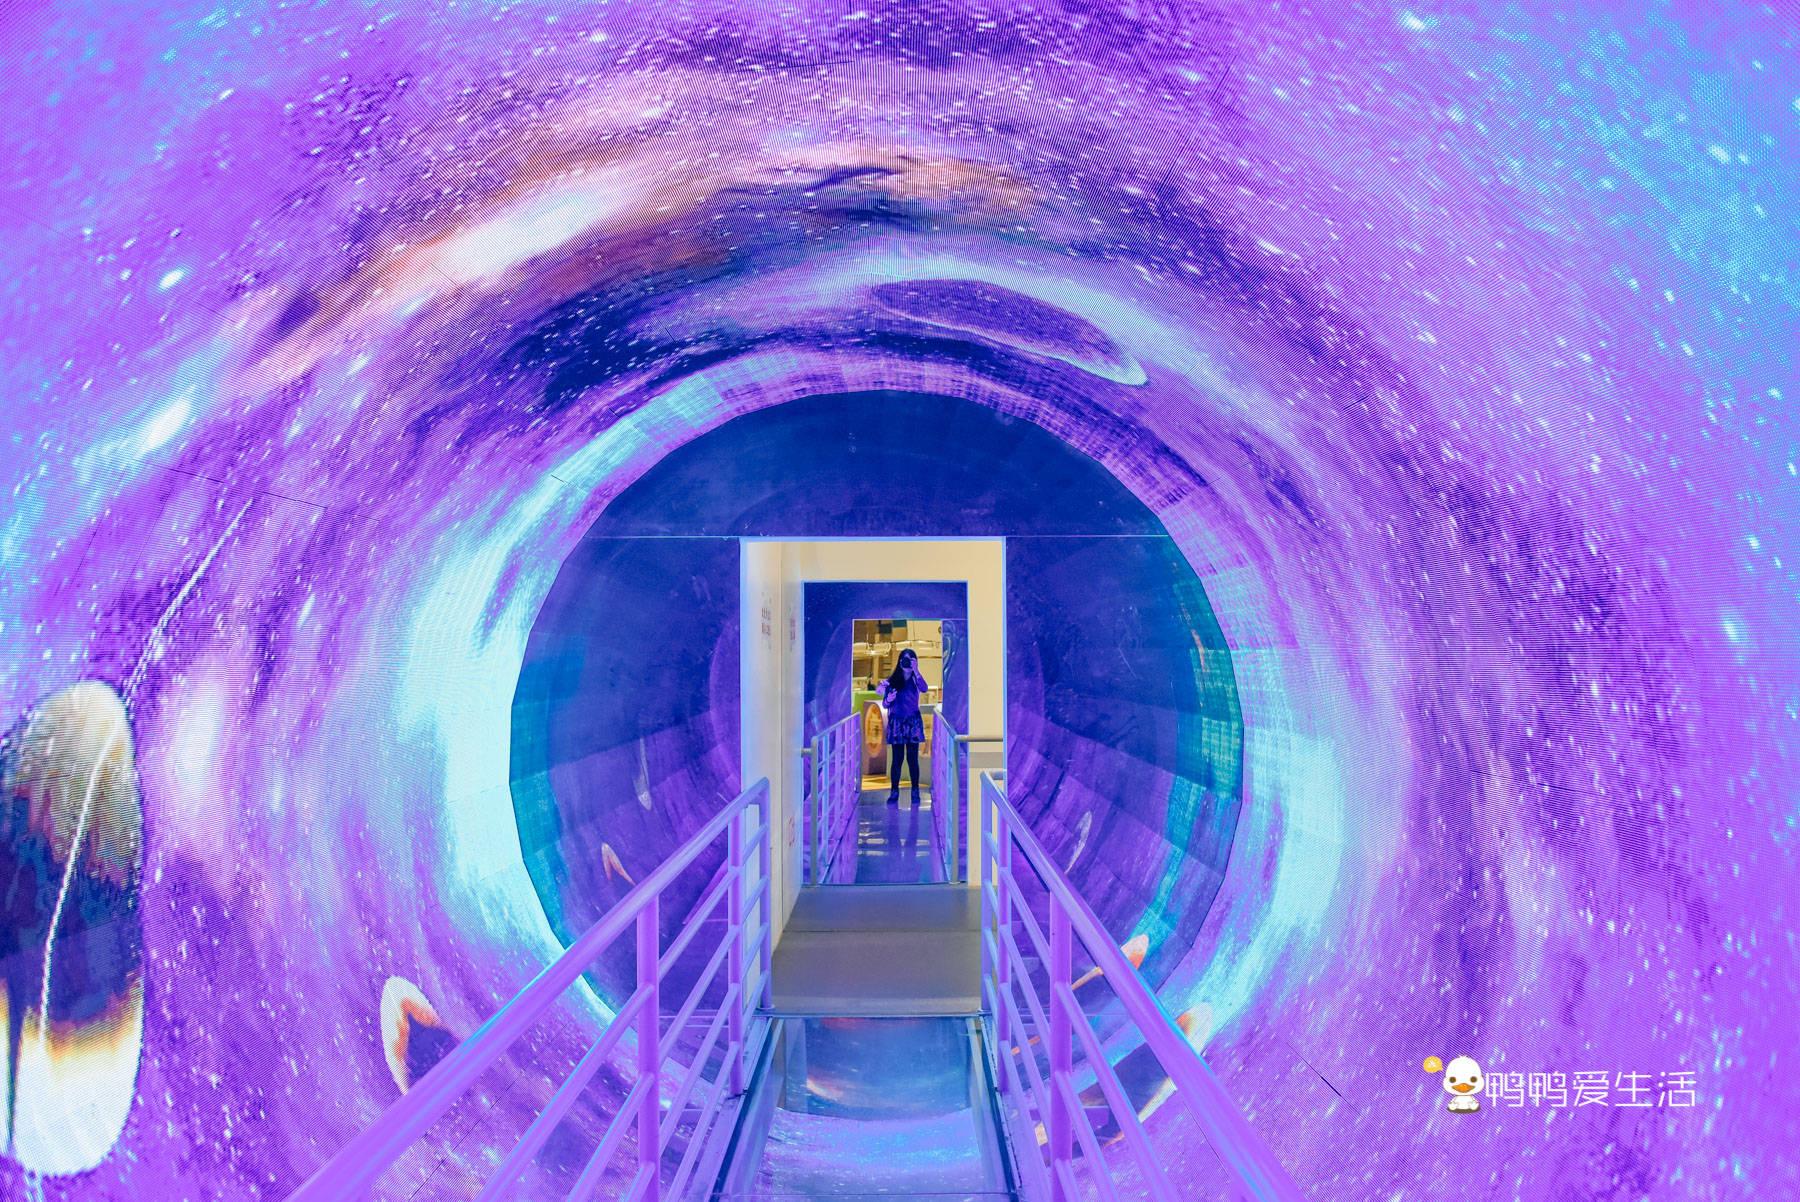 厦门亲子游好去处,走进科学世界,400项互动体验有趣又涨知识!